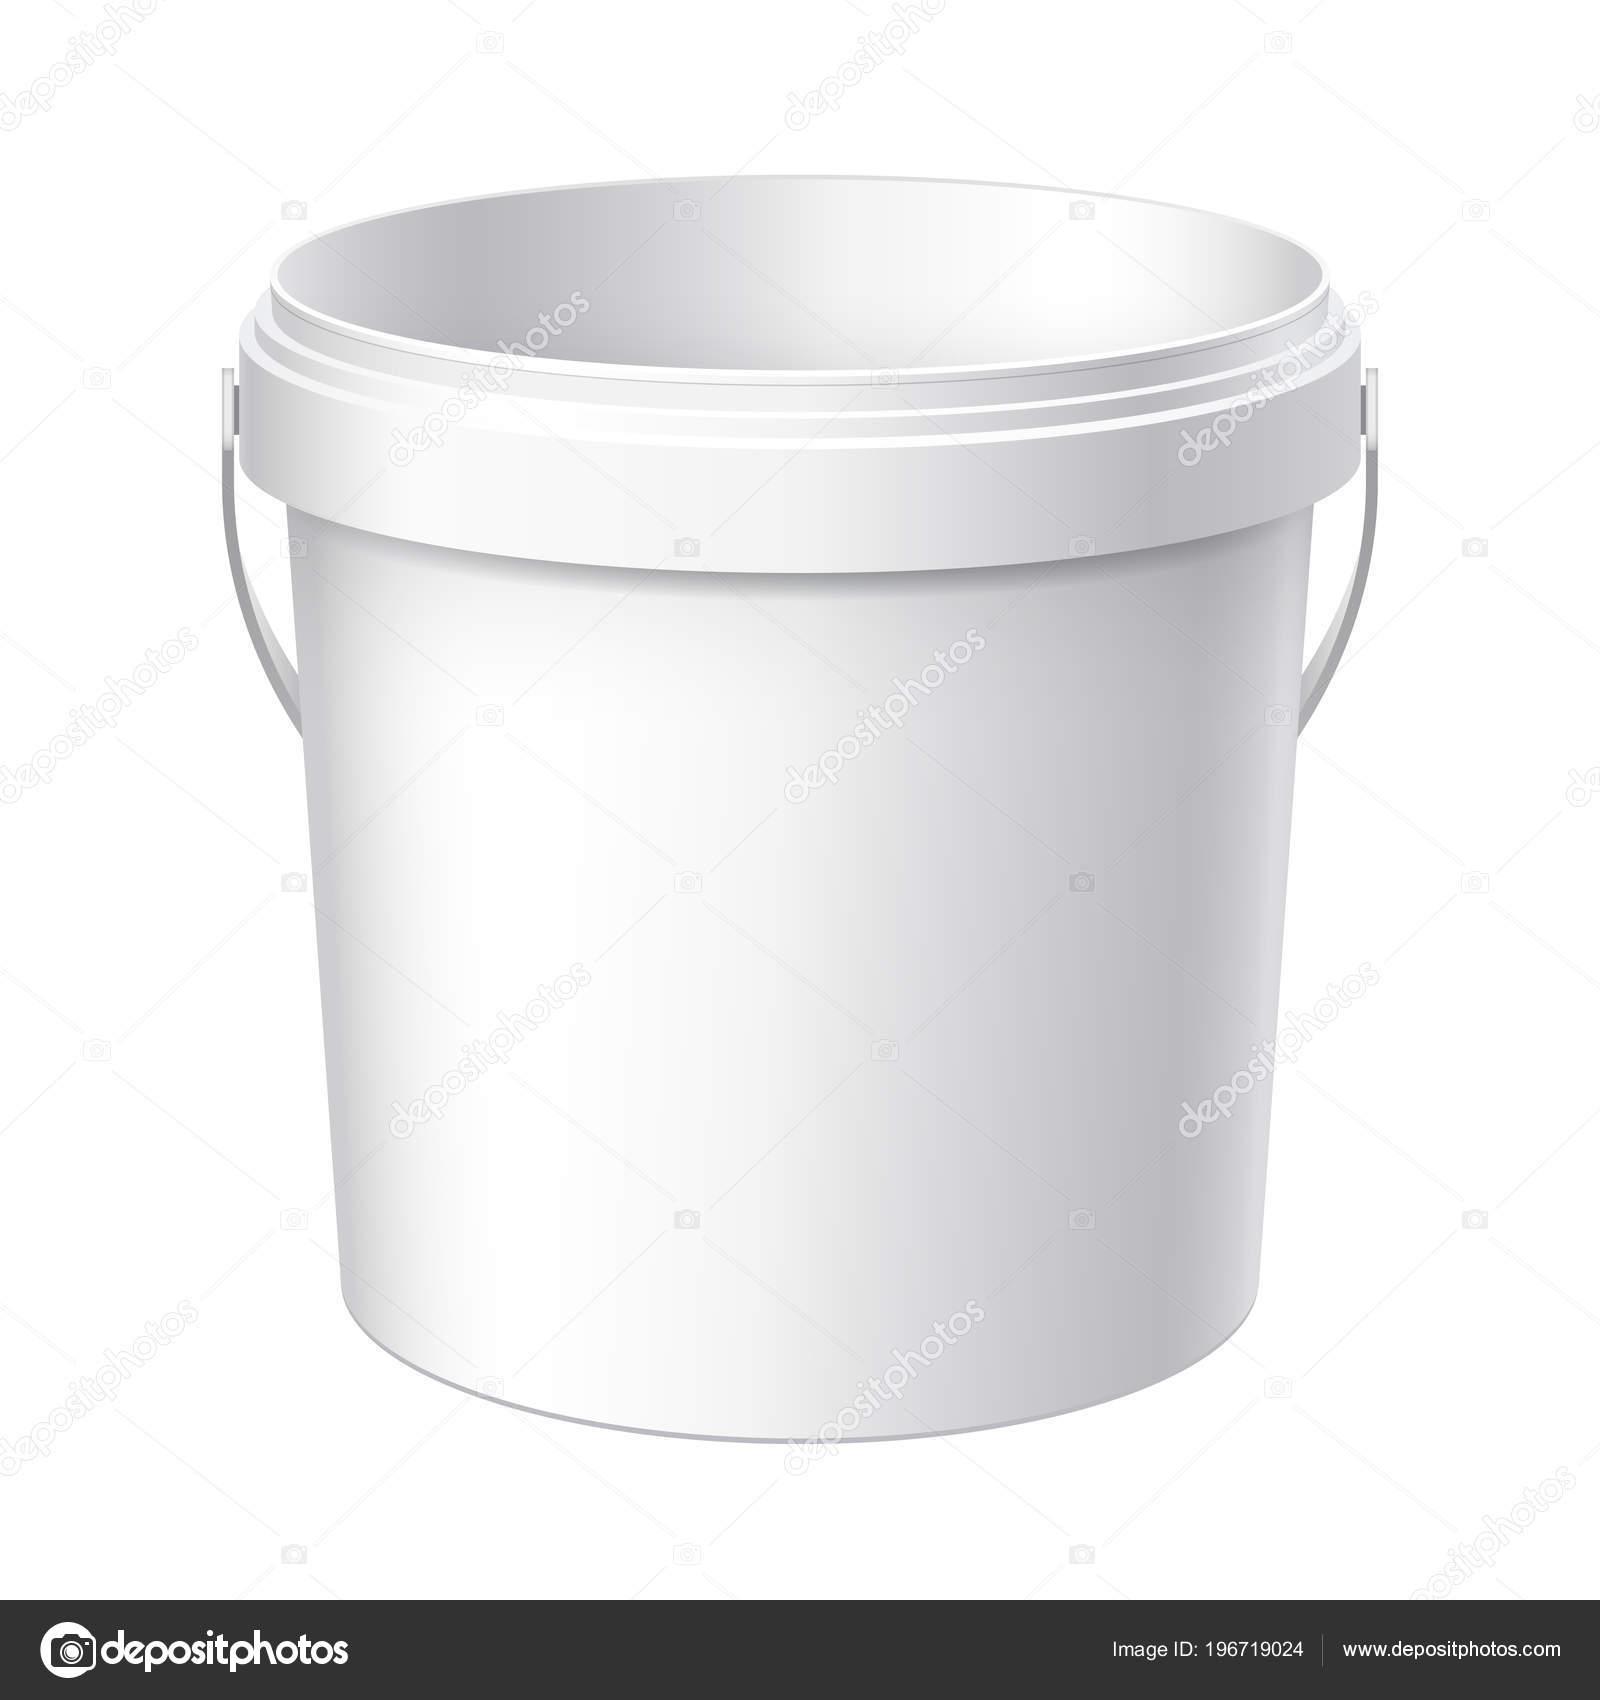 Underbar Liten Vit Plast Hink Förpackningar För Livsmedel Livsmedel Eller BR-84